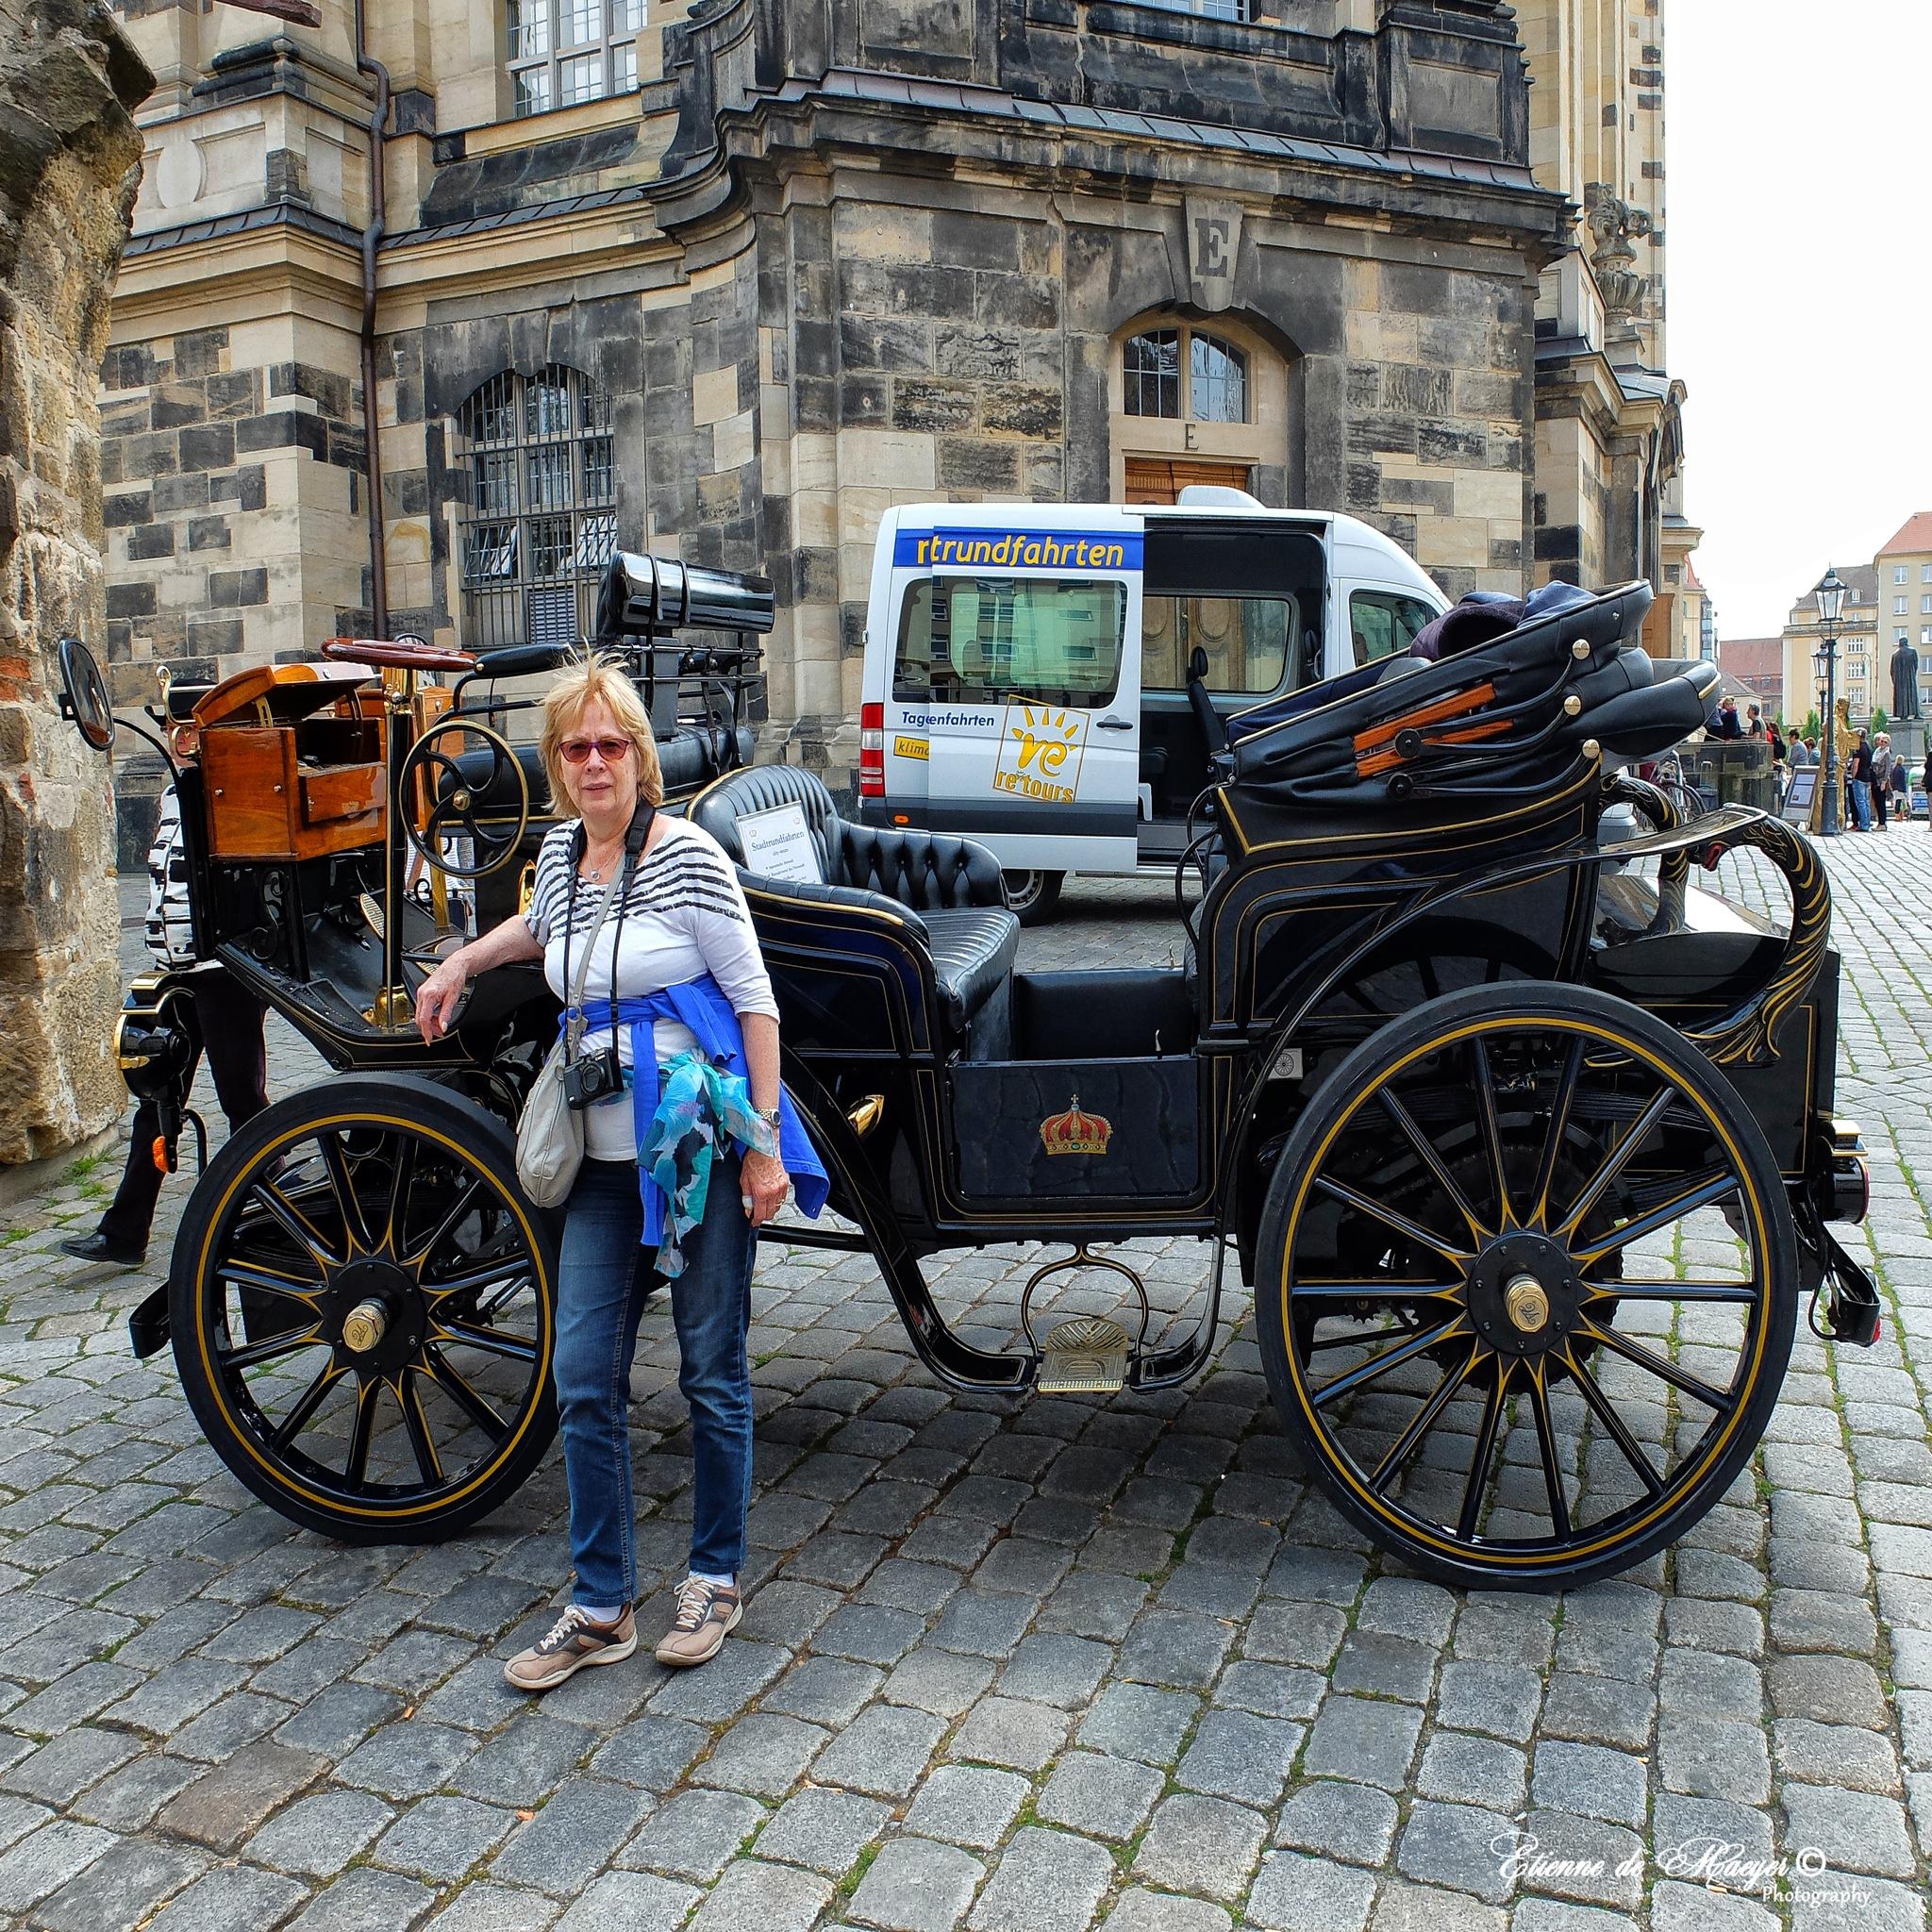 Dresden Stadsrondritten by Etienne de Maeyer